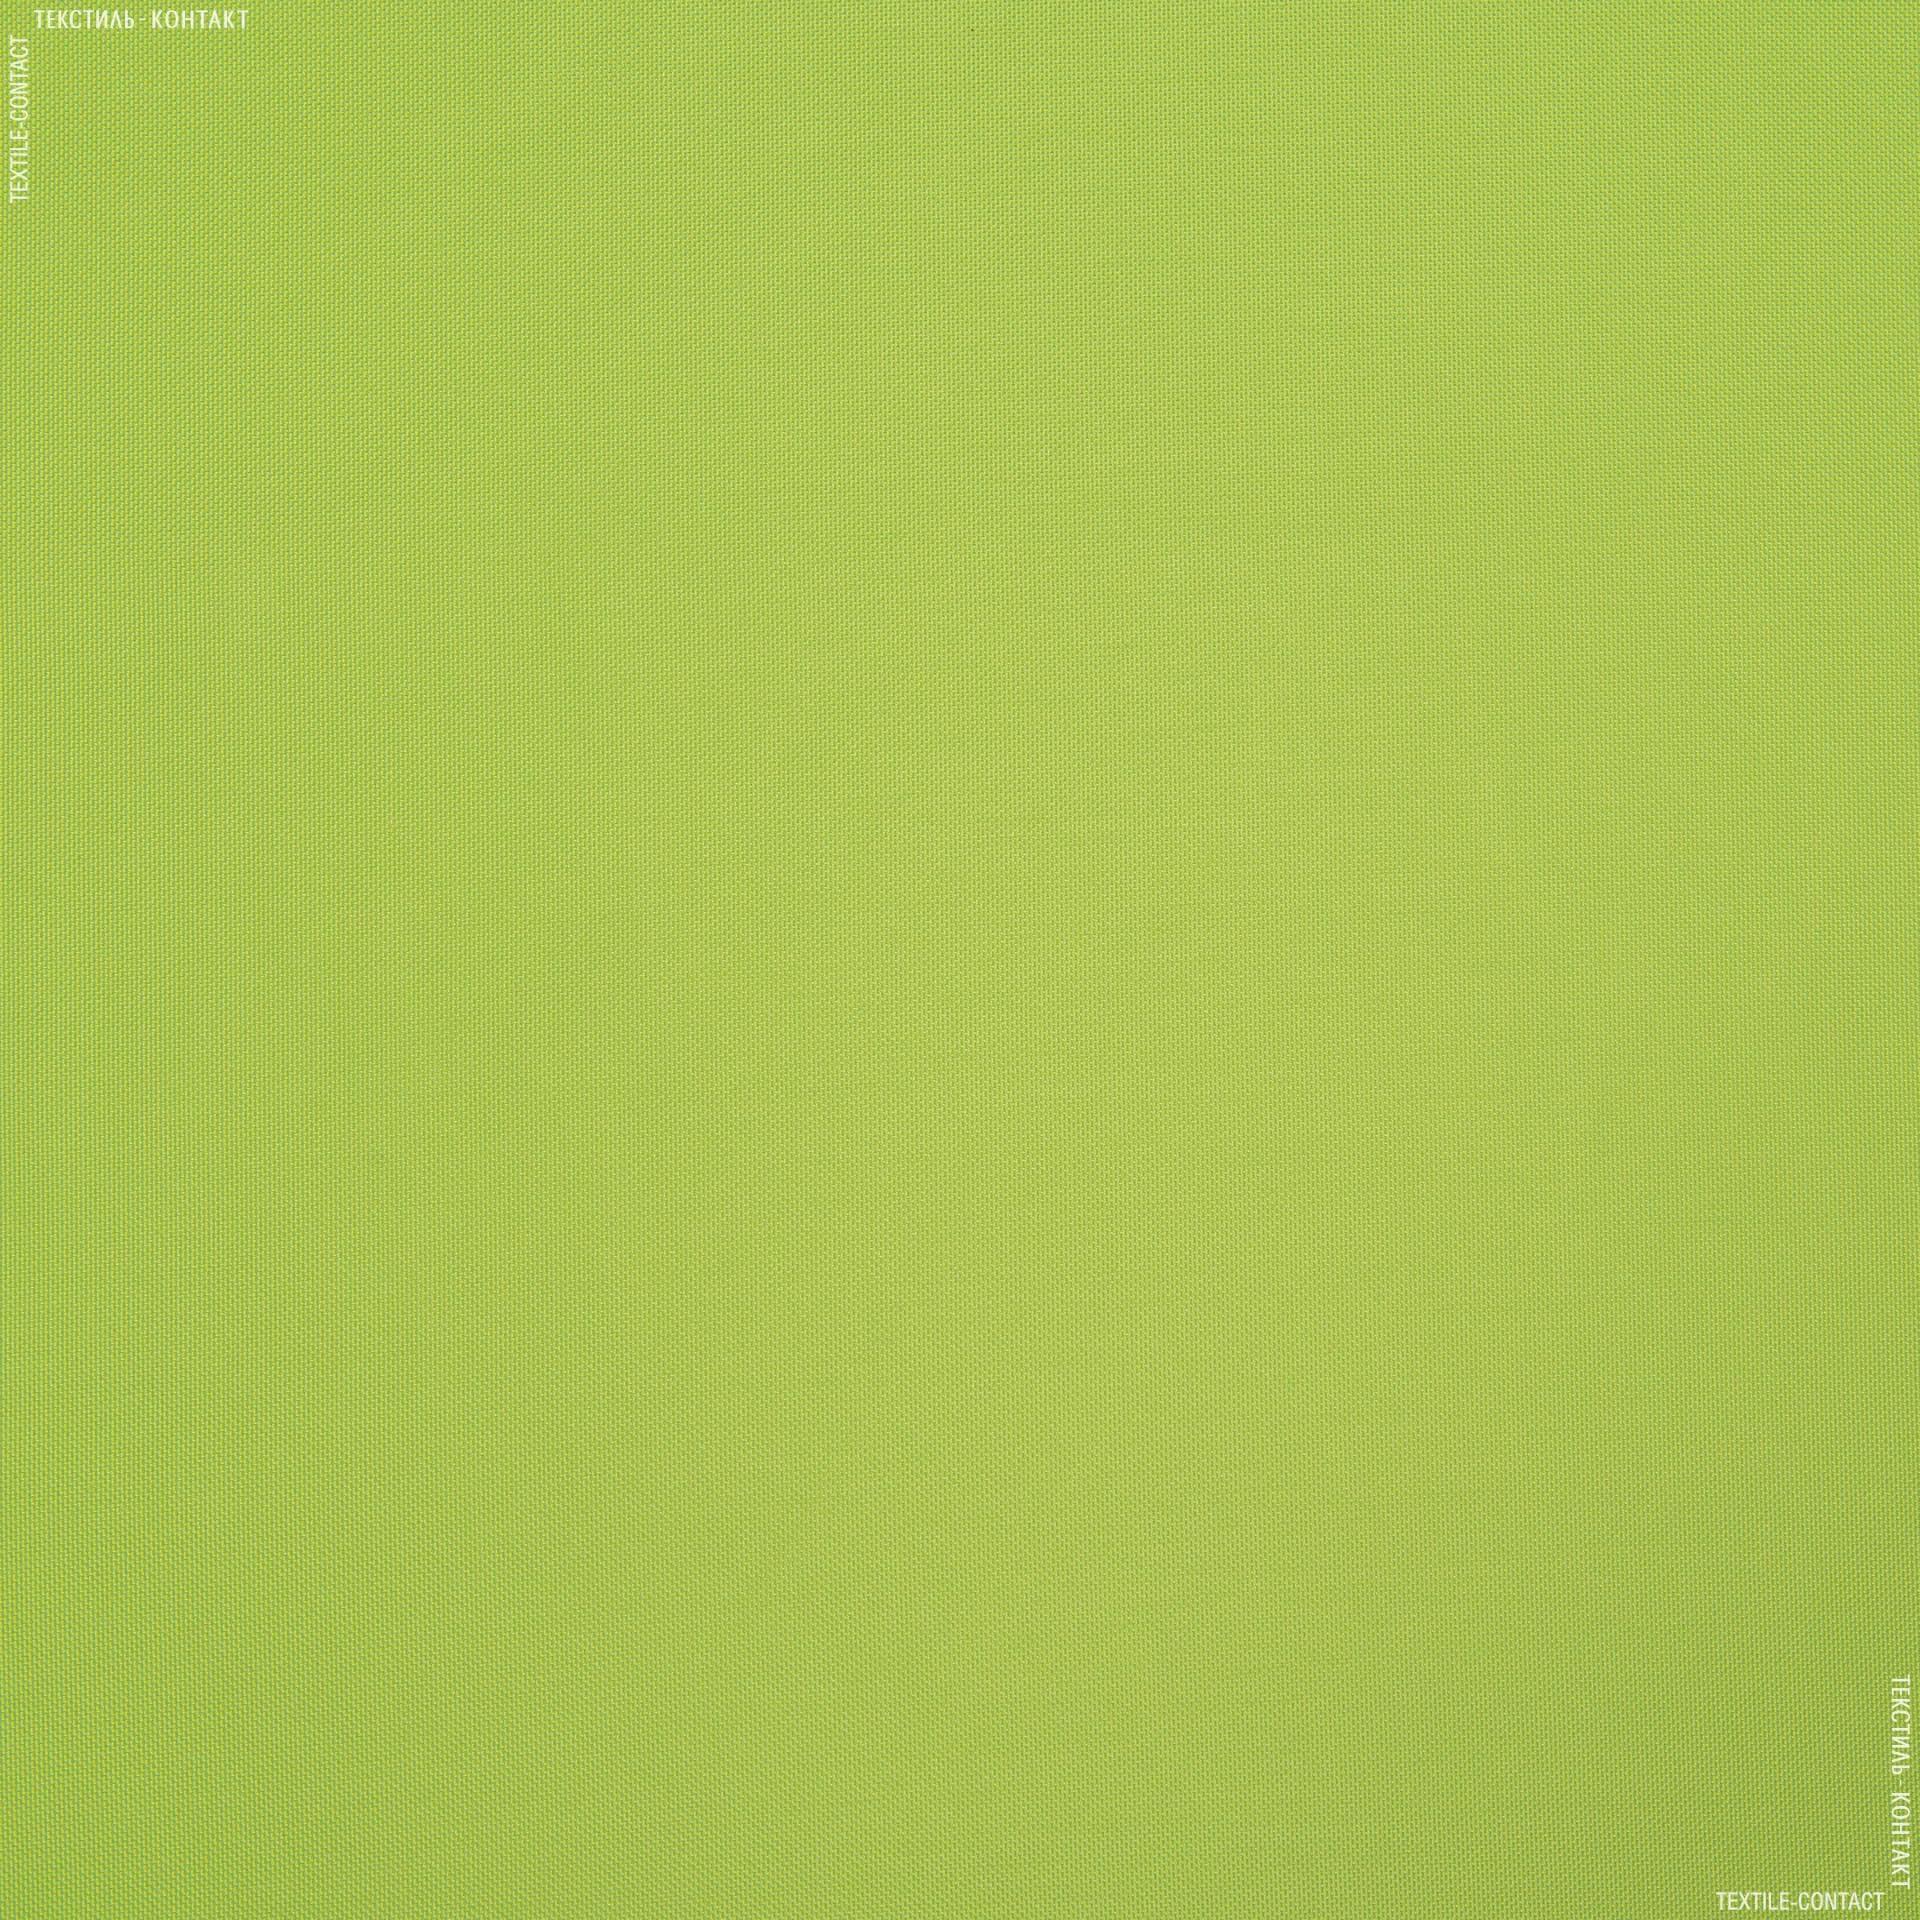 Ткани для банкетных и фуршетных юбок - Декоративная ткань земин зеленое яблоко